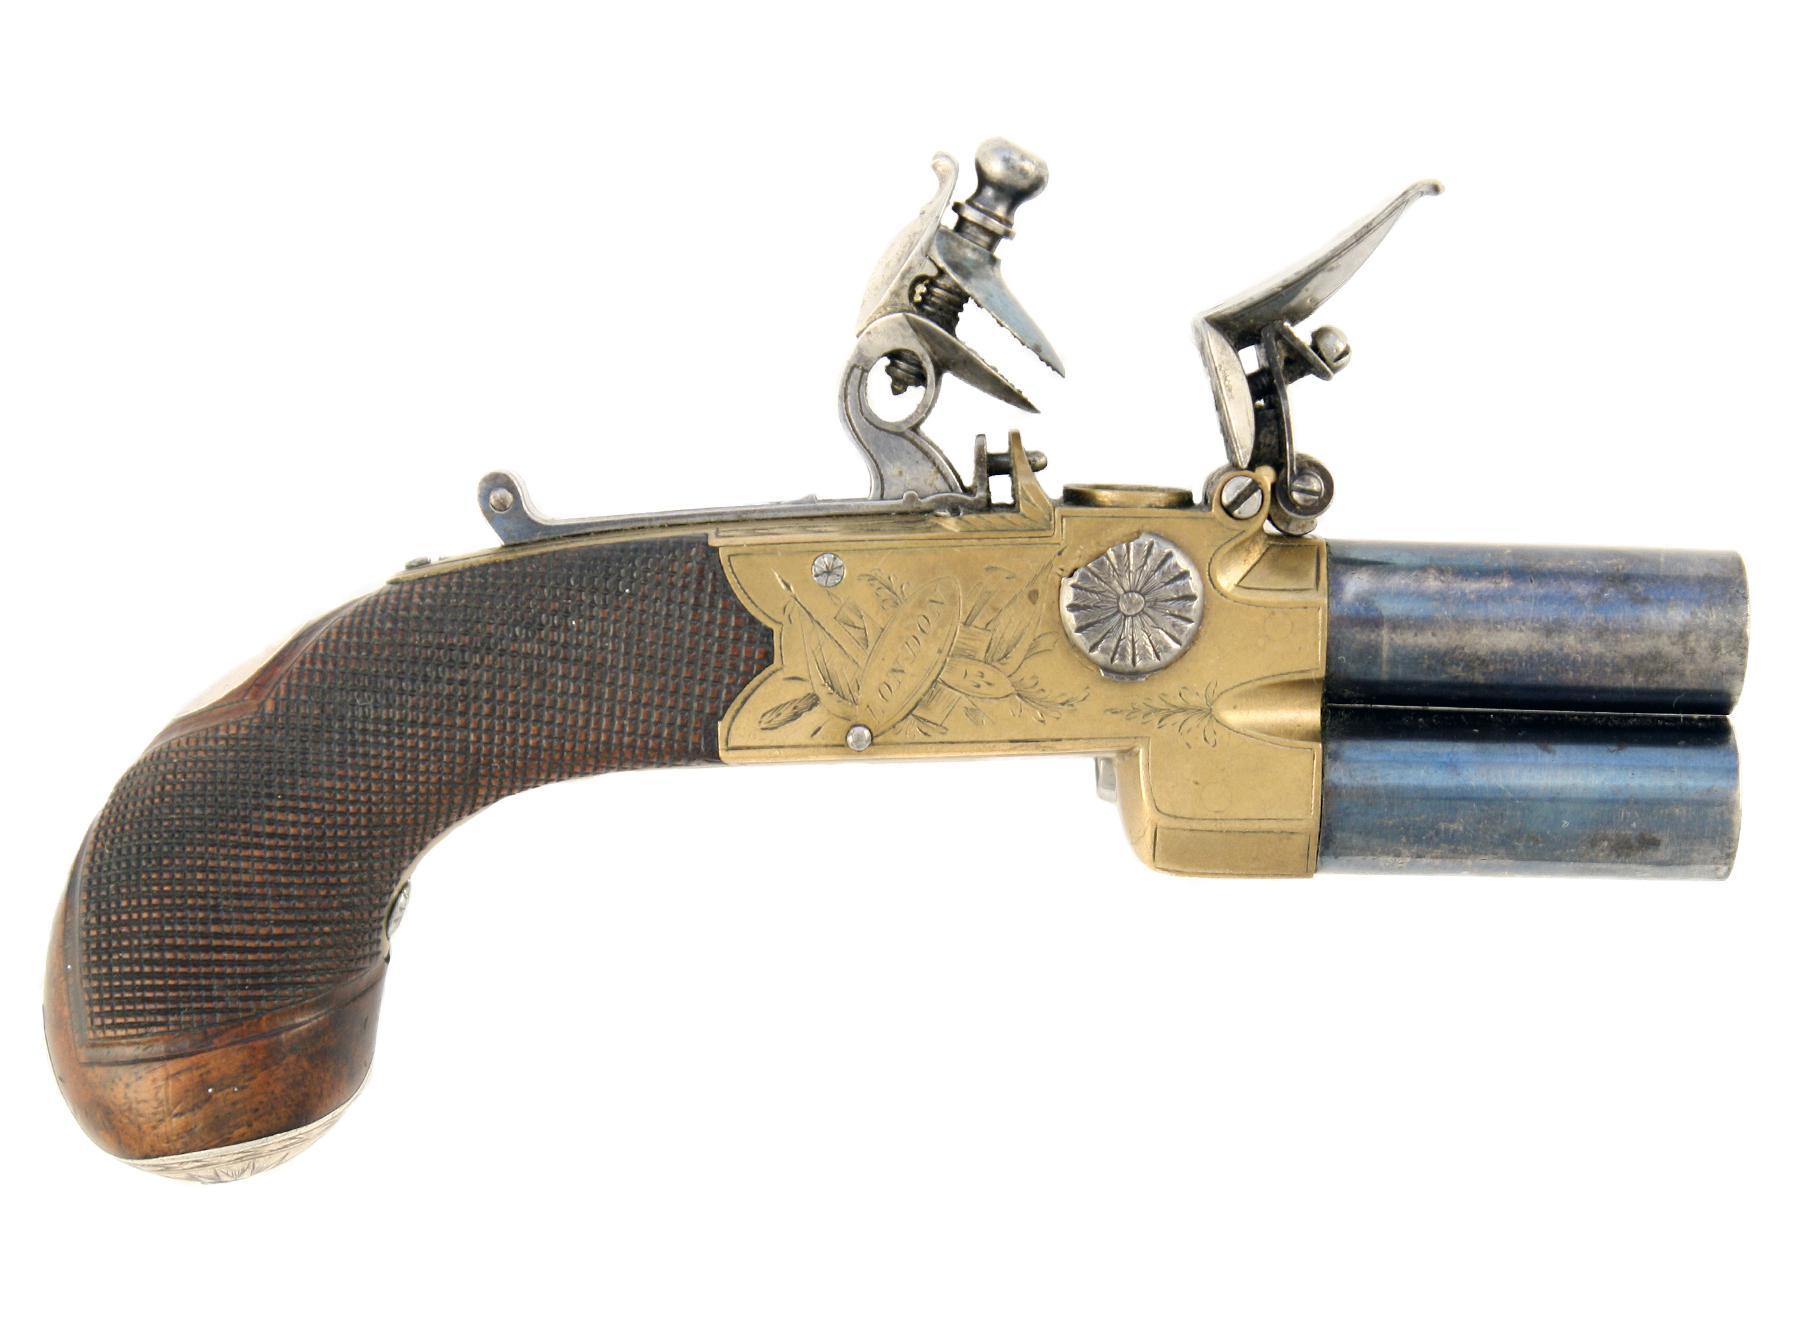 A Fine Tap Action Pistol